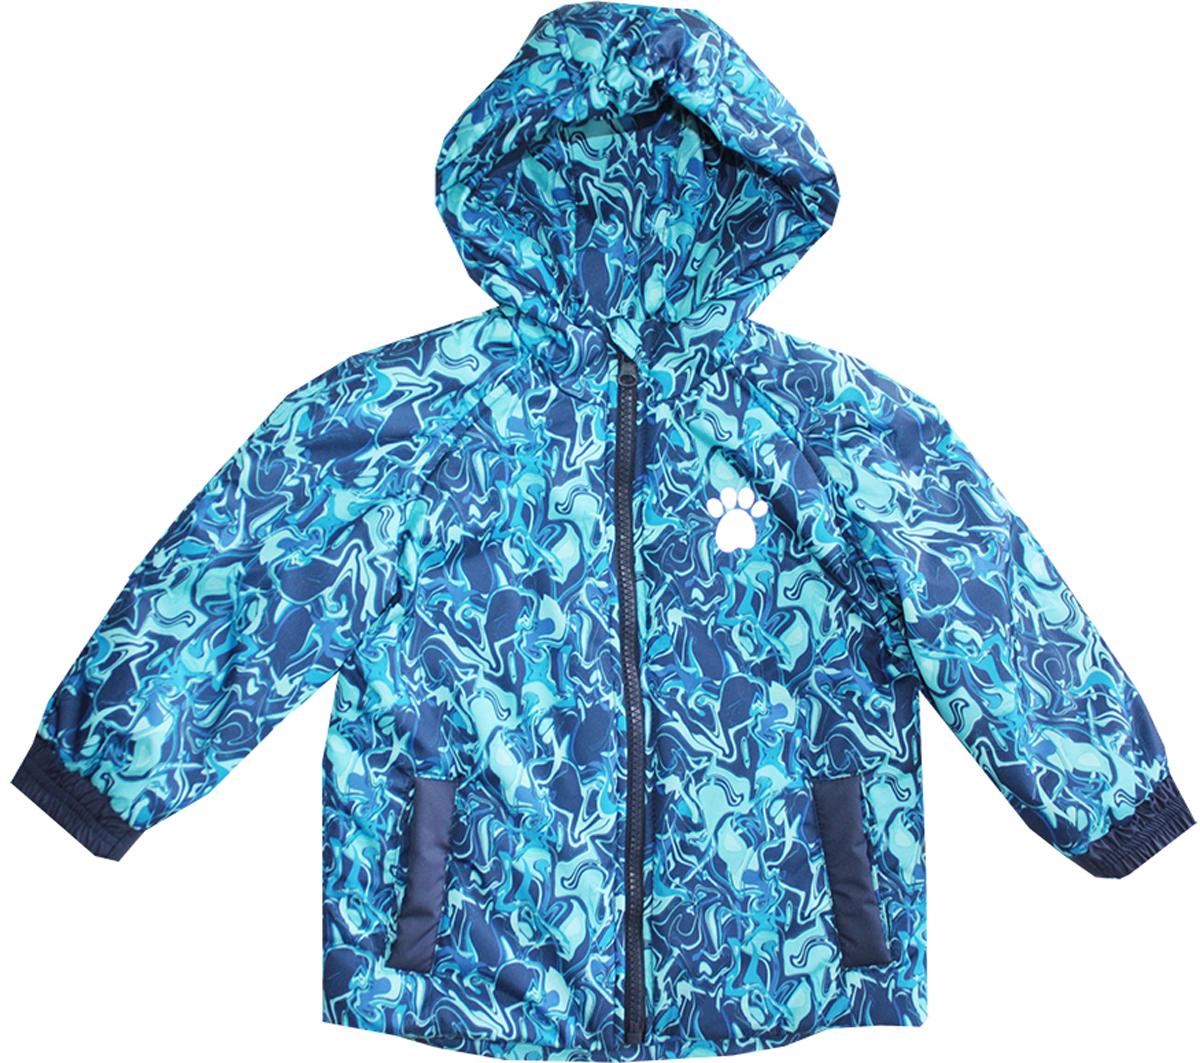 Куртка для мальчика КотМарКот, цвет: голубой, темно-синий. 25001. Размер 92/98, 2-3 года25001Куртка для мальчика КотМарКот c длинными рукавами и несъемным капюшоном выполнена из прочного полиэстера. Наполнитель - синтепон. Подкладка изготовлена из натурального хлопка. Модель застегивается на застежку-молнию спереди. Изделие имеет два втачных кармана спереди. Рукава оснащены эластичными манжетами. Куртка оформлена оригинальным абстрактным принтом и дополнена светоотражающими элементами спереди и на спинке.